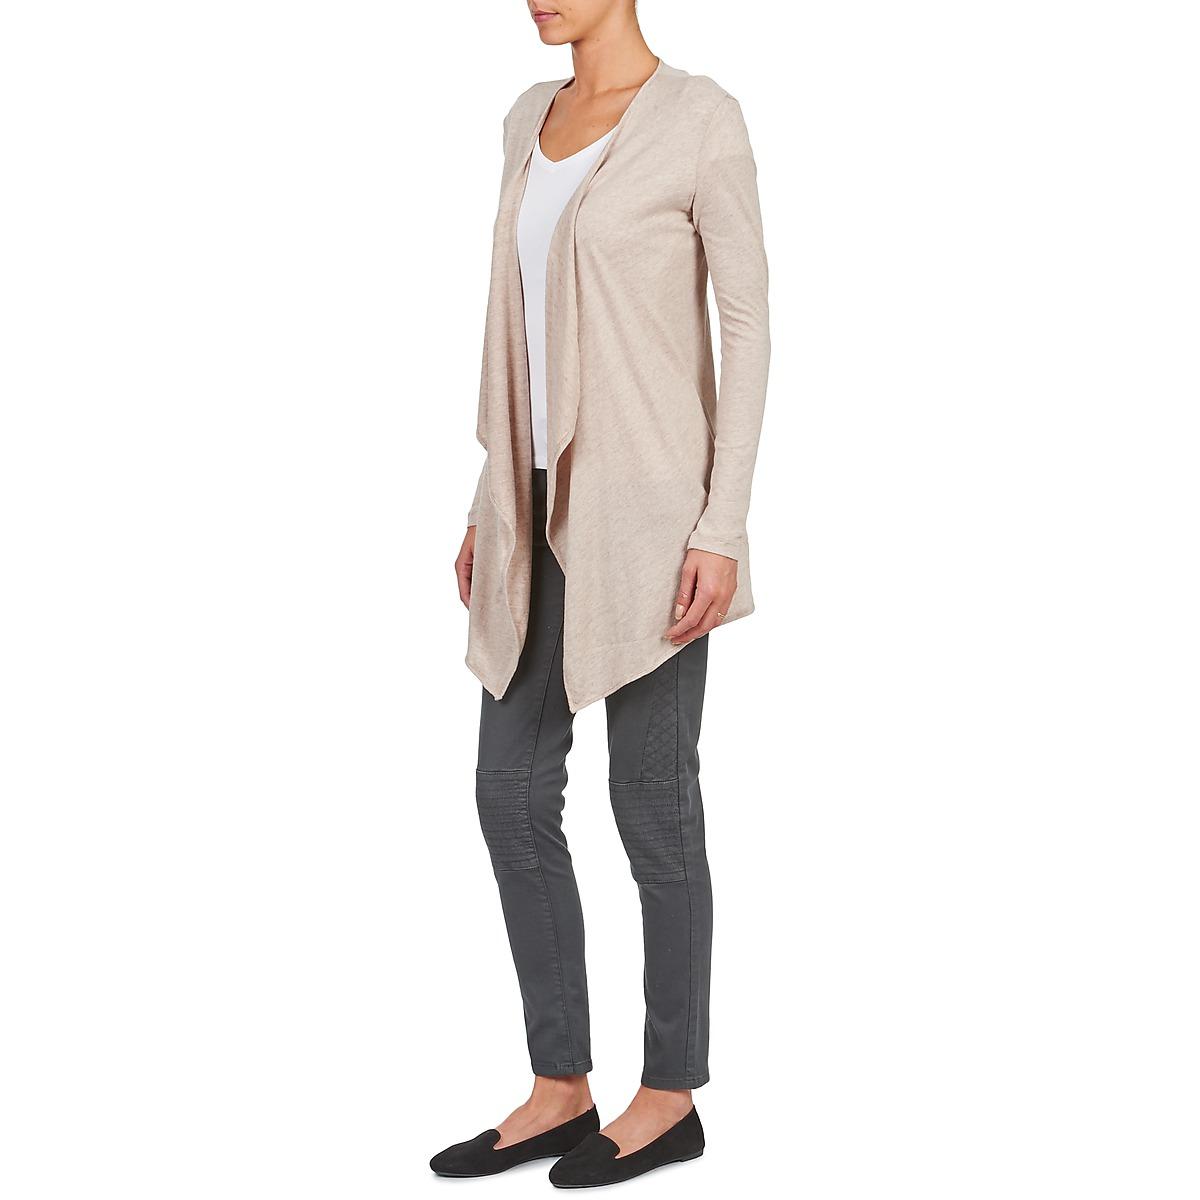 Majestic 518 Beige - Livraison Gratuite Vêtements Gilets / Cardigans Femme 109,60 €